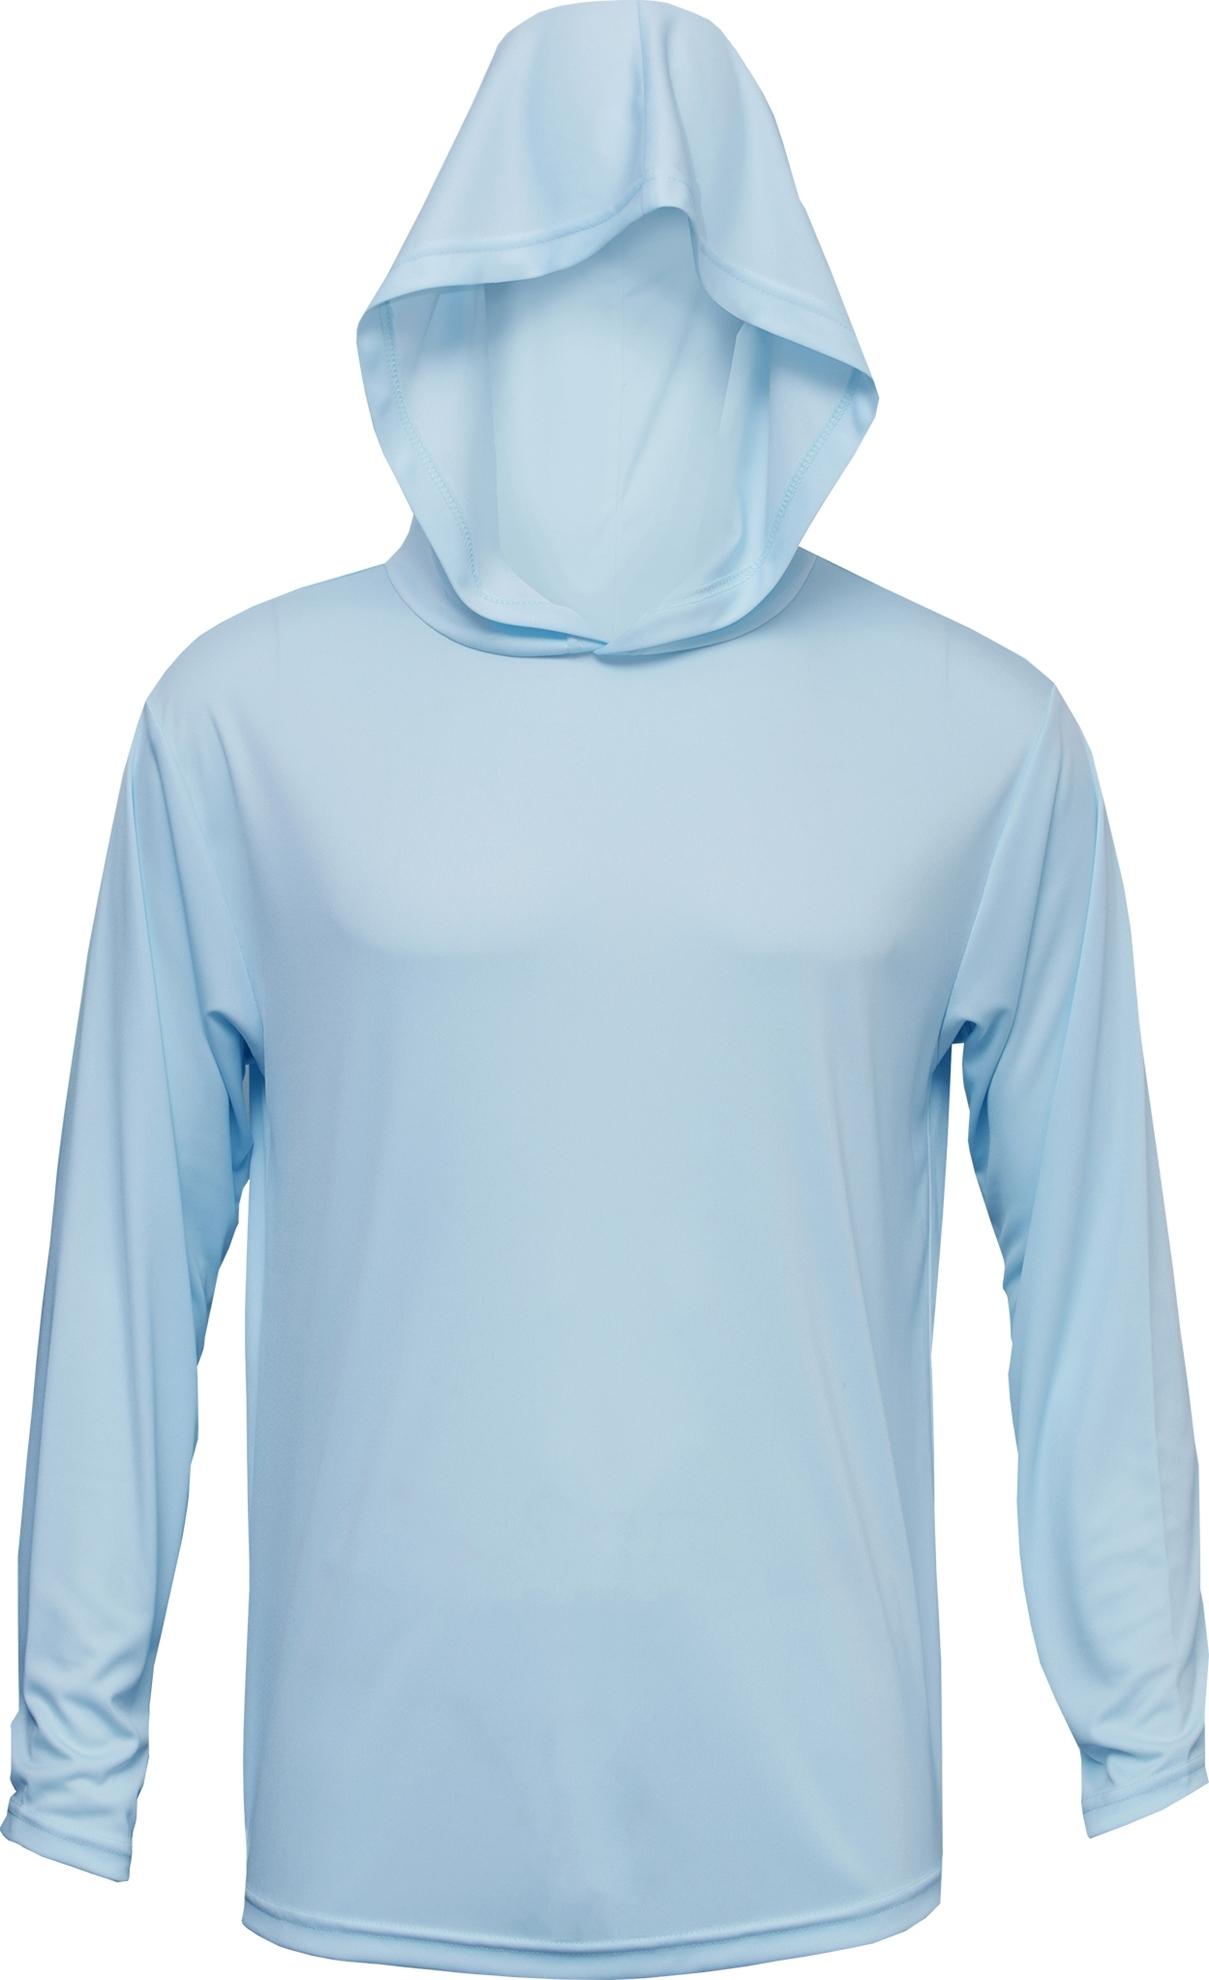 937068734 BAW Athletic Wear XT106 - Adult Xtreme-Tek Long Sleeve Hood $8.75 ...